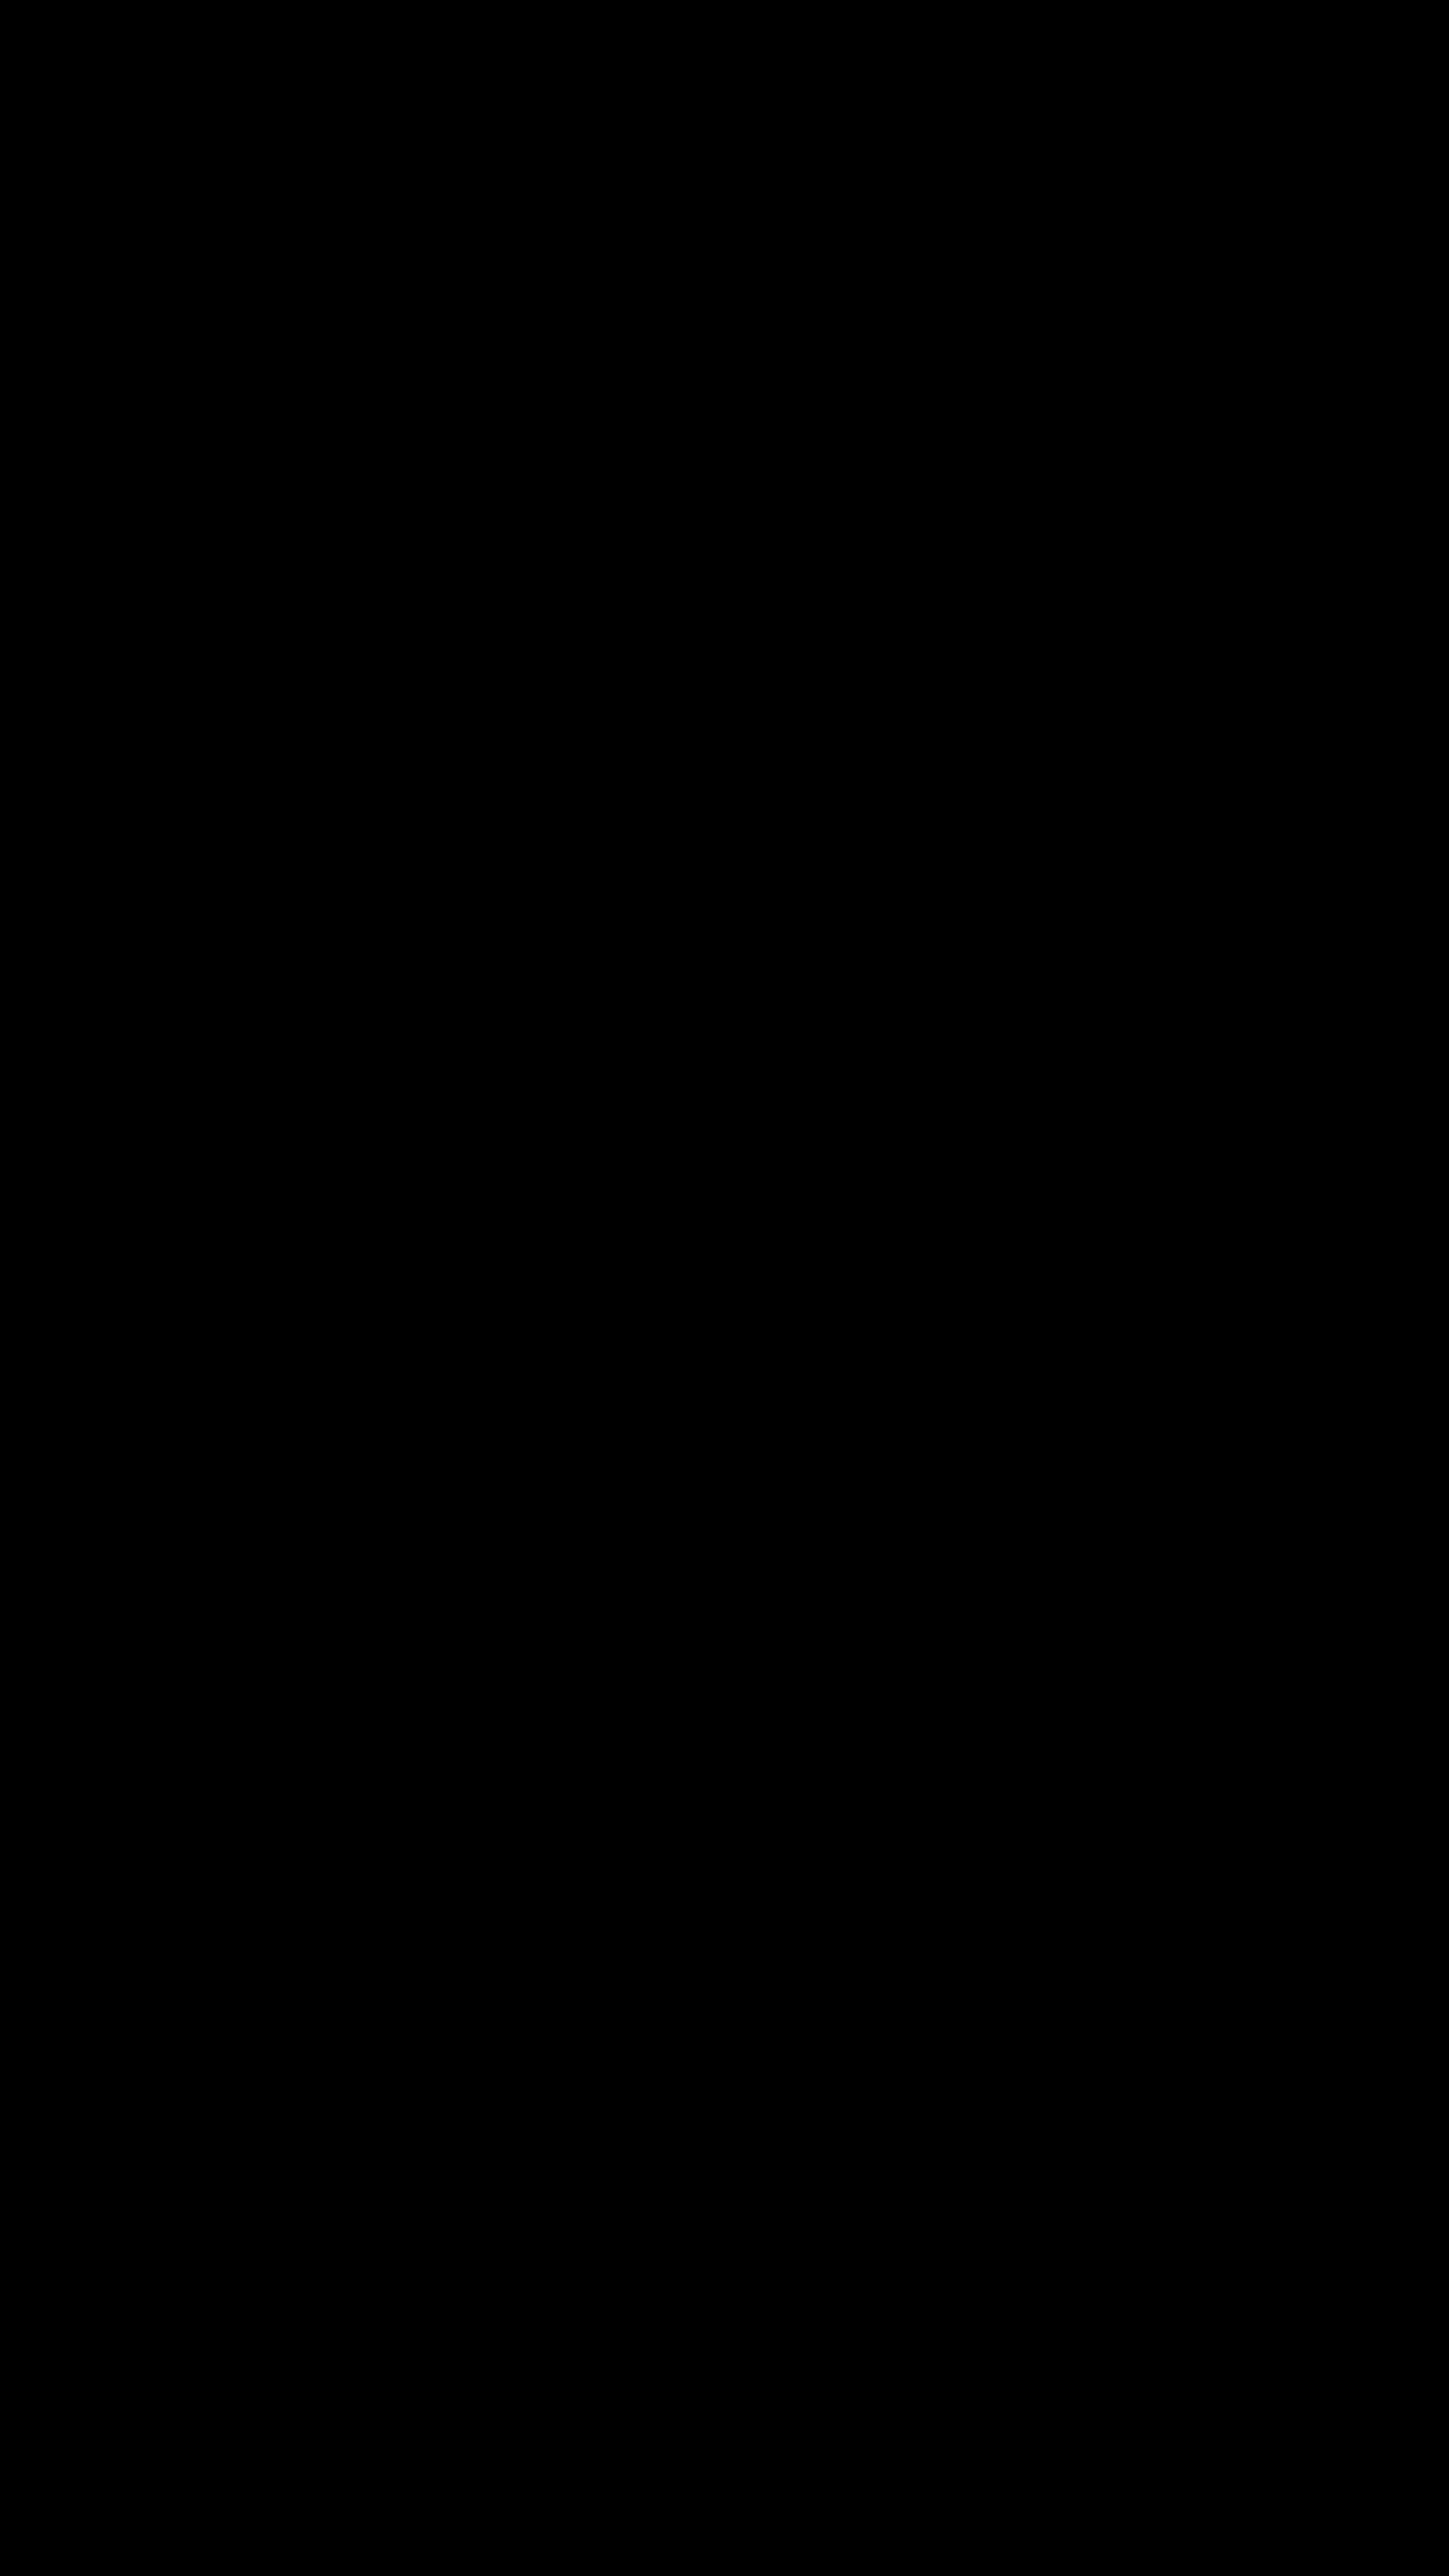 万豪国际集团中国北区携手姚基金即将举行2019万豪·姚基金慈善晚宴